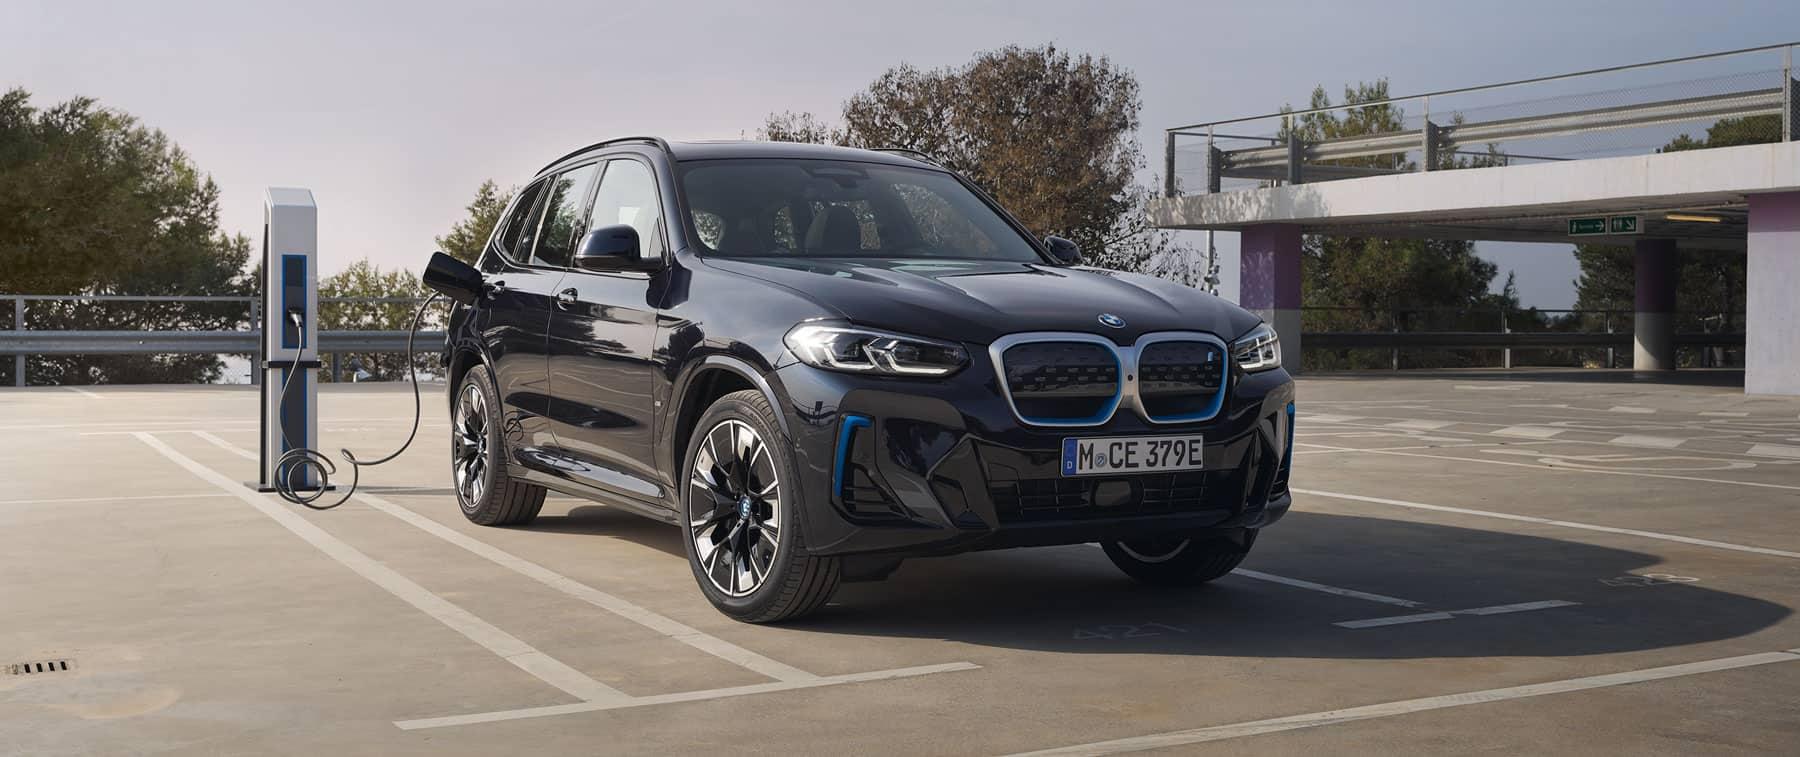 BMW iX3 Stageteaser